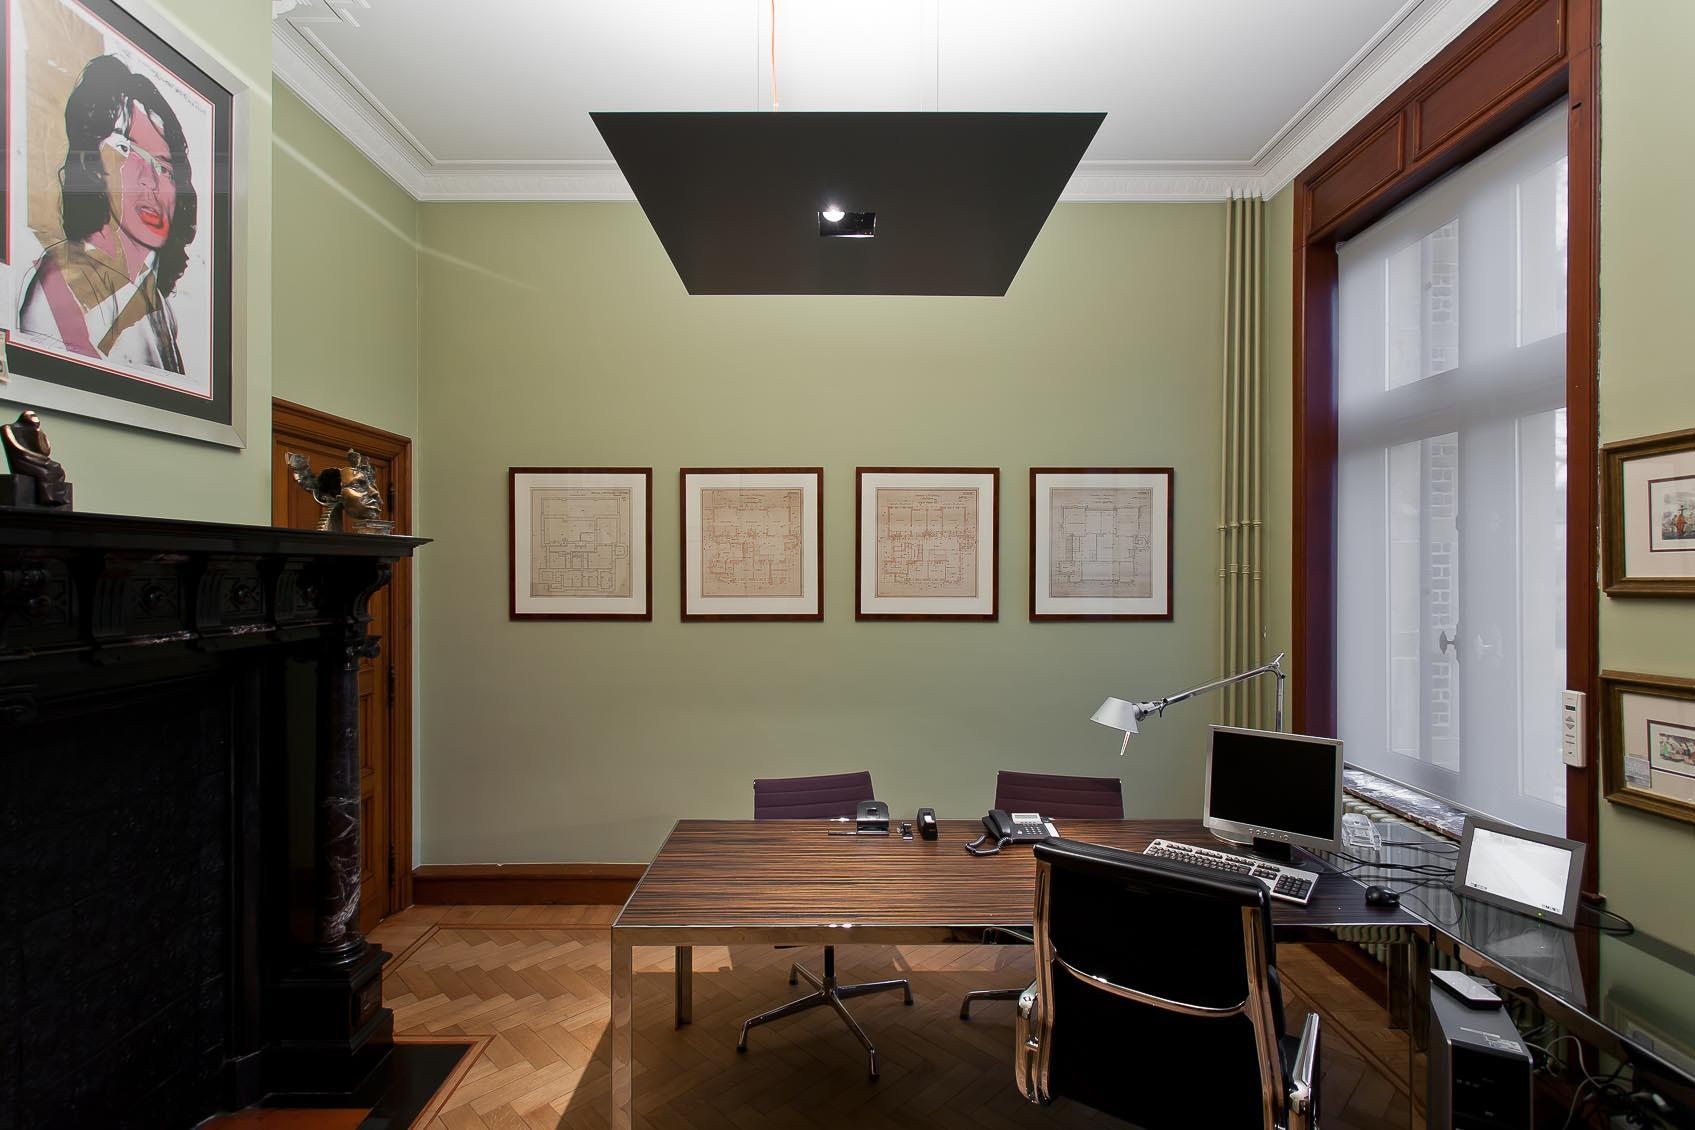 Viabizzuno M7 hanglamp met een indirecte basisverlichting en accentverlichting naar bureau geadviseerd door Lichthuis Mol